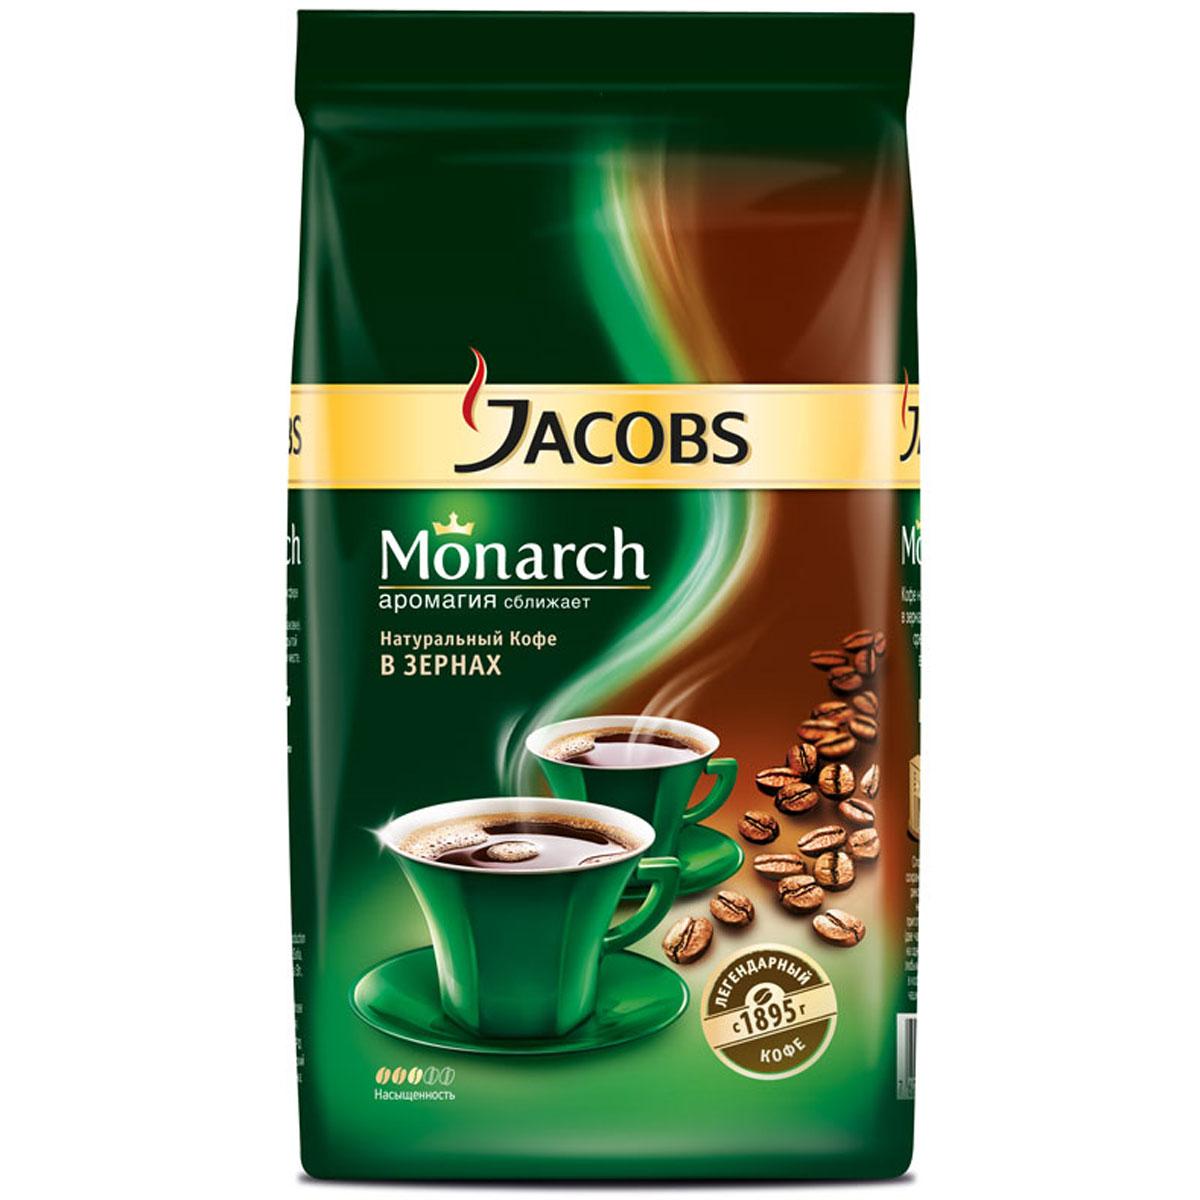 Jacobs Monarch кофе в зернах, 250 г0120710Отборные зерна Арабики из Колумбии и Центральной Америки и тщательная обжарка - это секрет подлинной крепости и притягательного аромата кофе Jacobs Monarch. Заварите кофе Jacobs Monarch и почувствуйте, как егопритягательный аромат окружает вас и создает особую атмосферу теплоты общения с вашими близкими. Так рождается Аромагия кофе Jacobs Monarch.